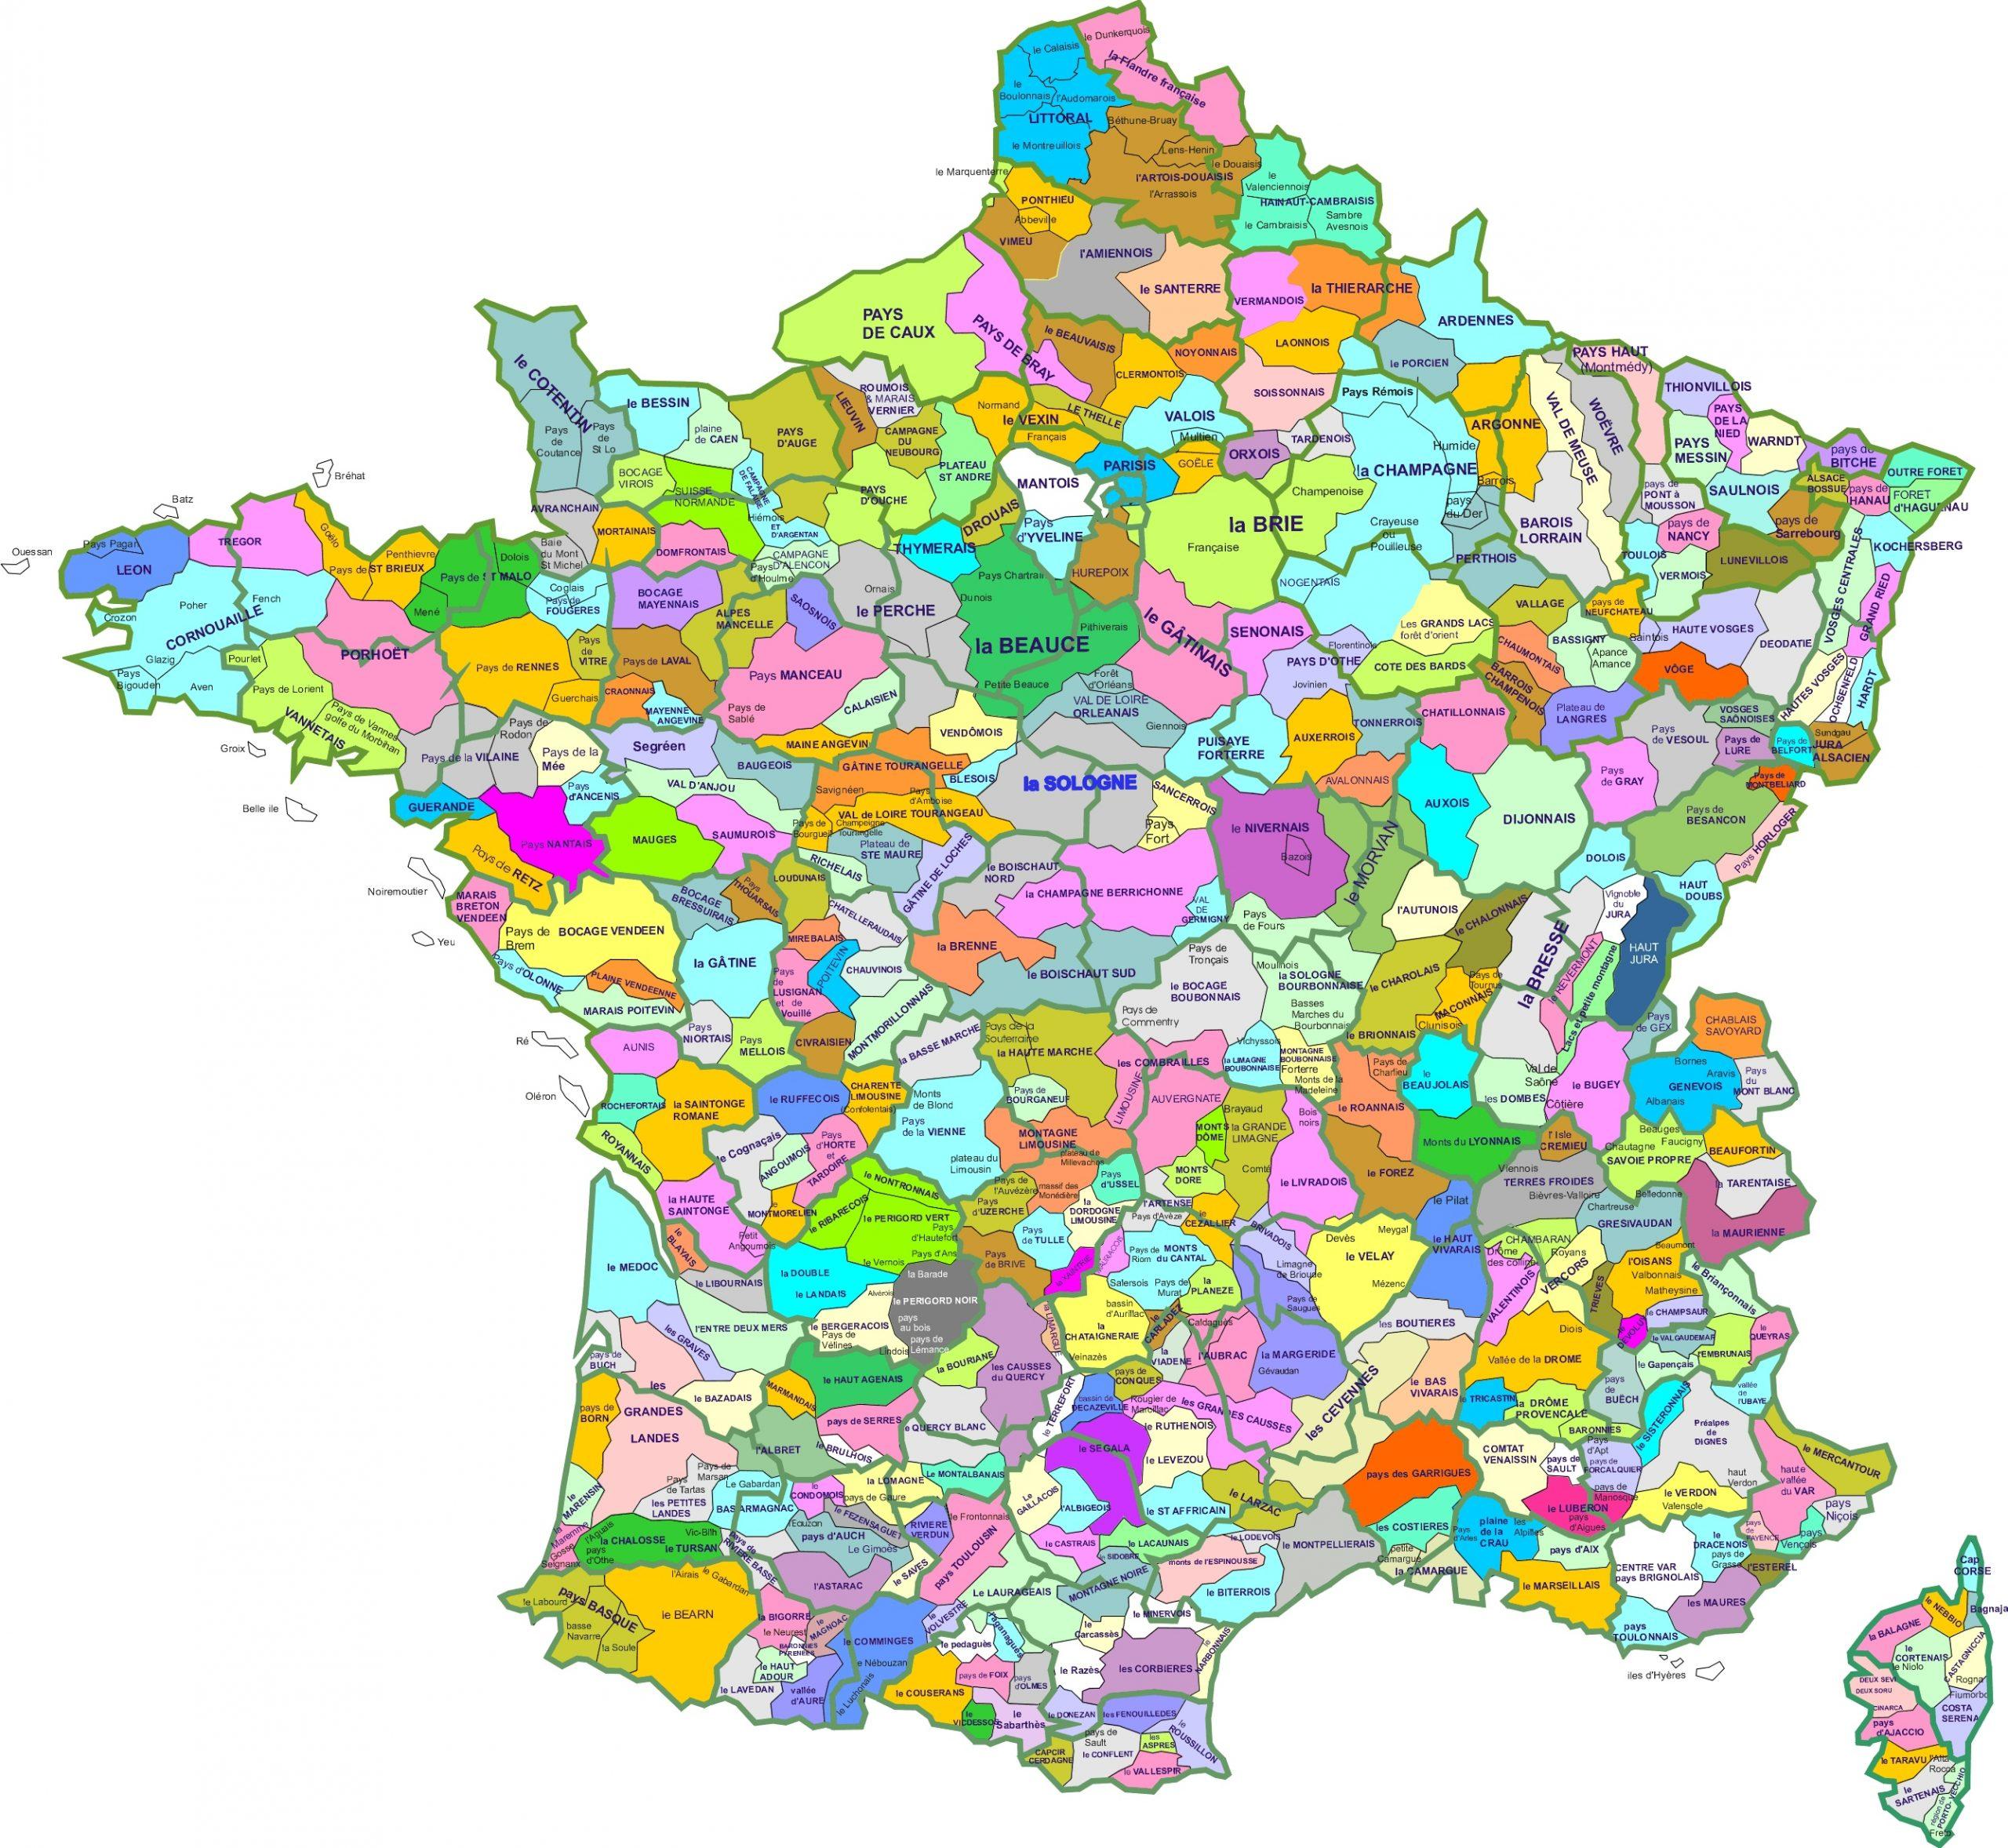 Une Carte Des Régions Naturelles De France destiné Carte De France Avec Les Régions